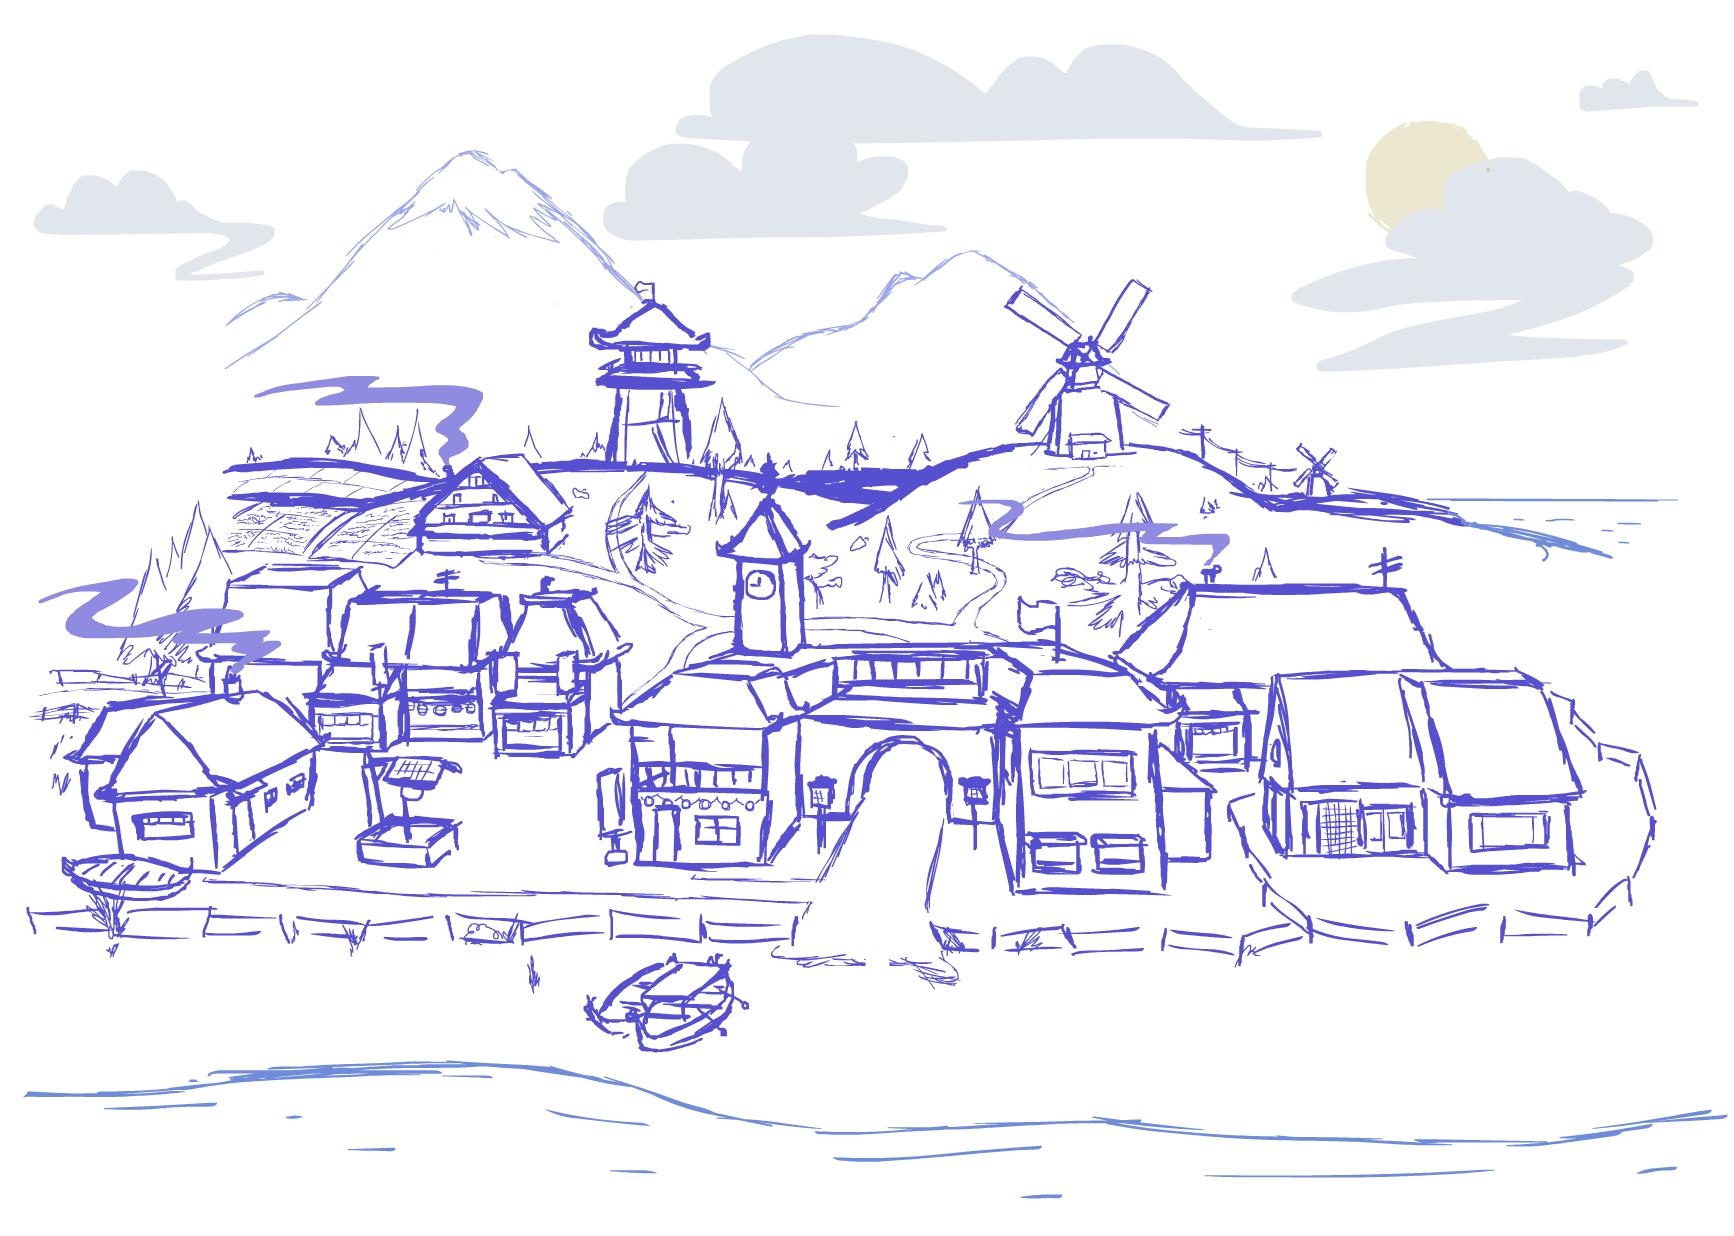 karat_village_concept